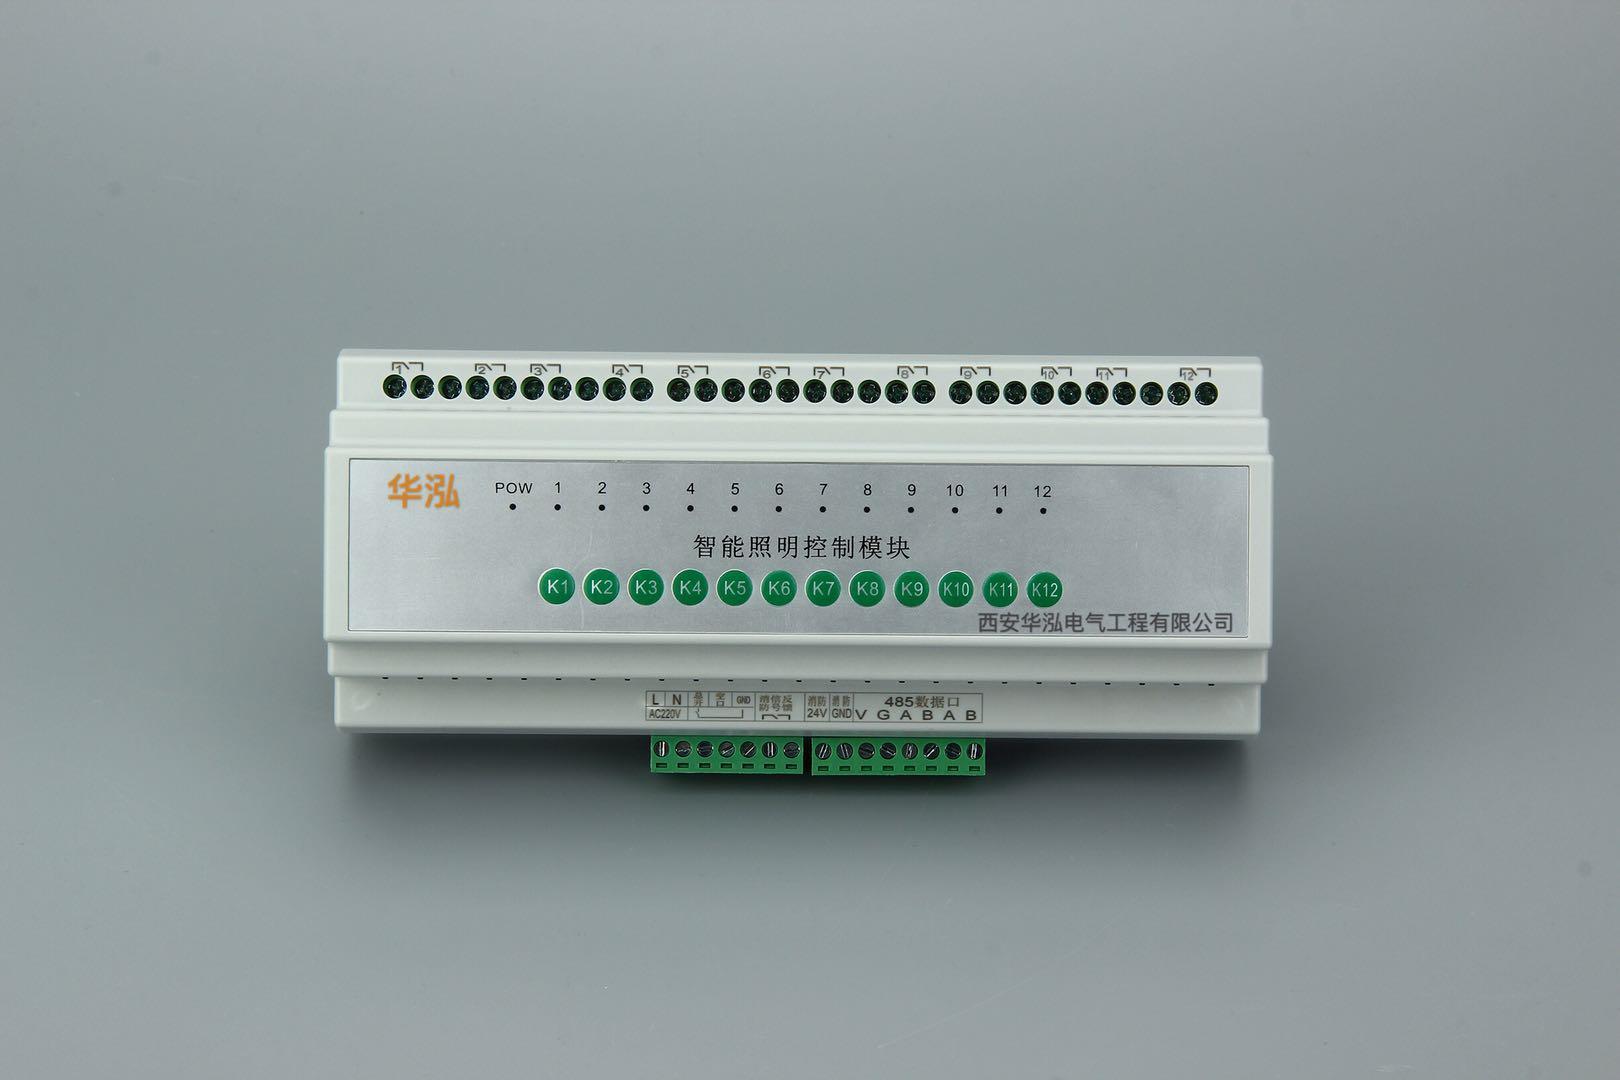 BCX-H610.1智能照明控制器智能照明开关模块华泓